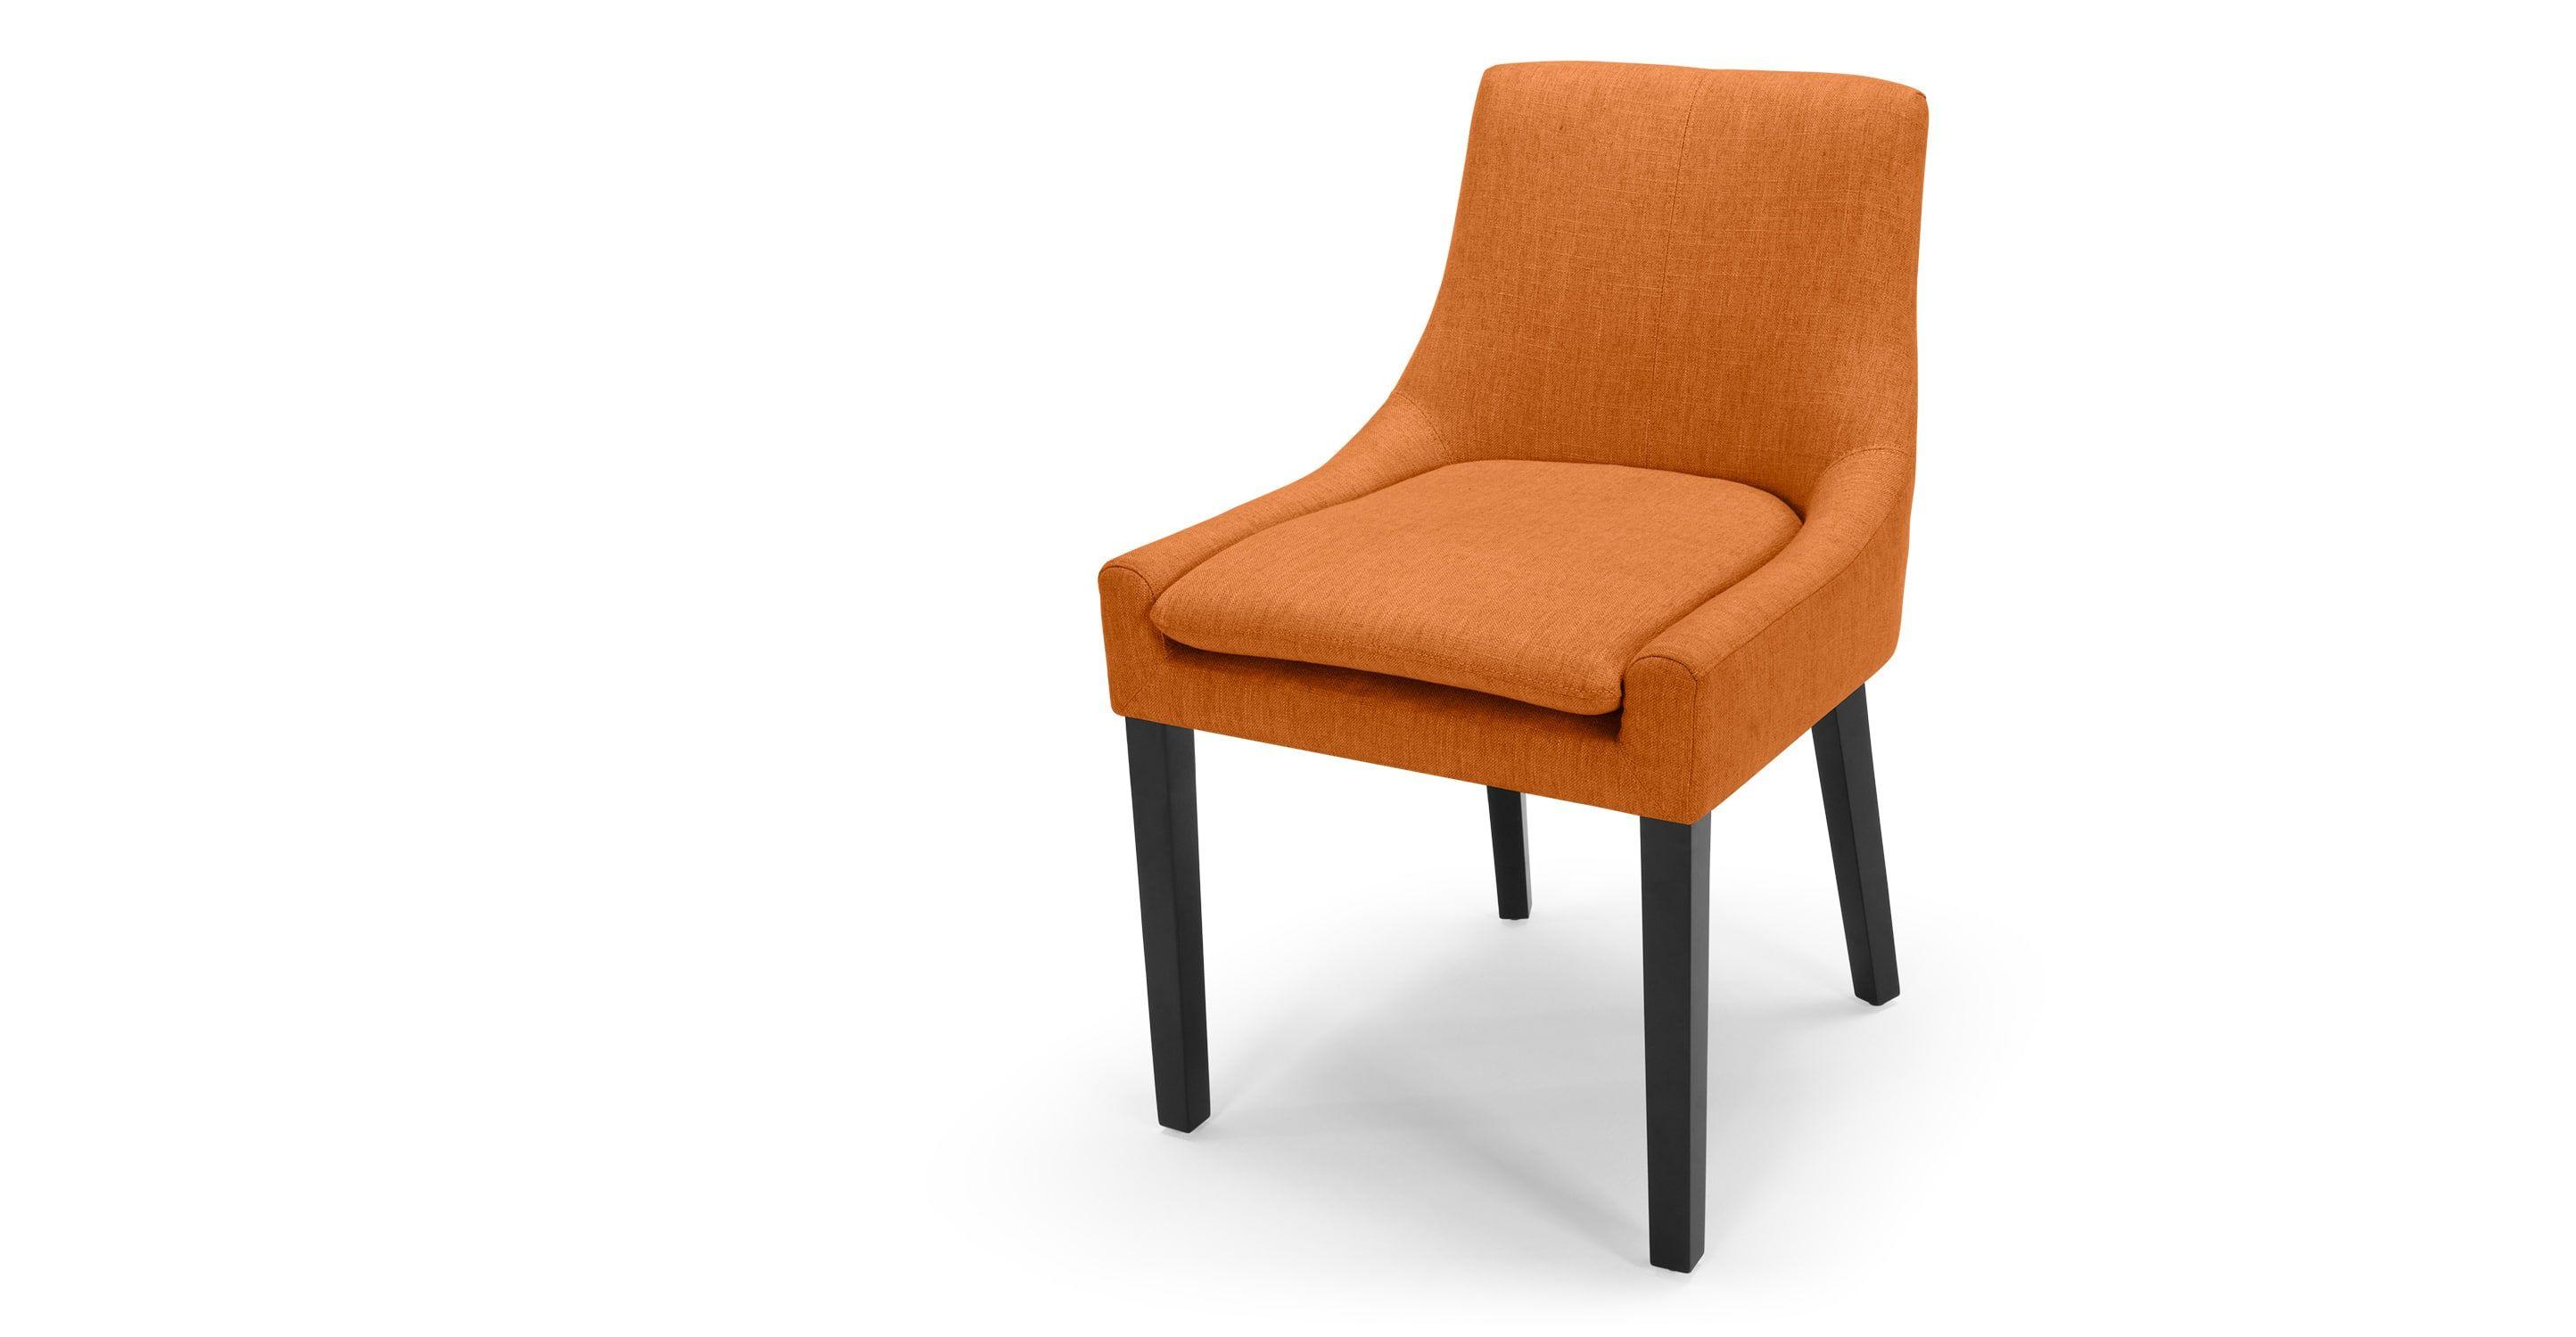 Eetkamer Van Oranje : Eames dar oranje een stoel die de kamer opfleurt